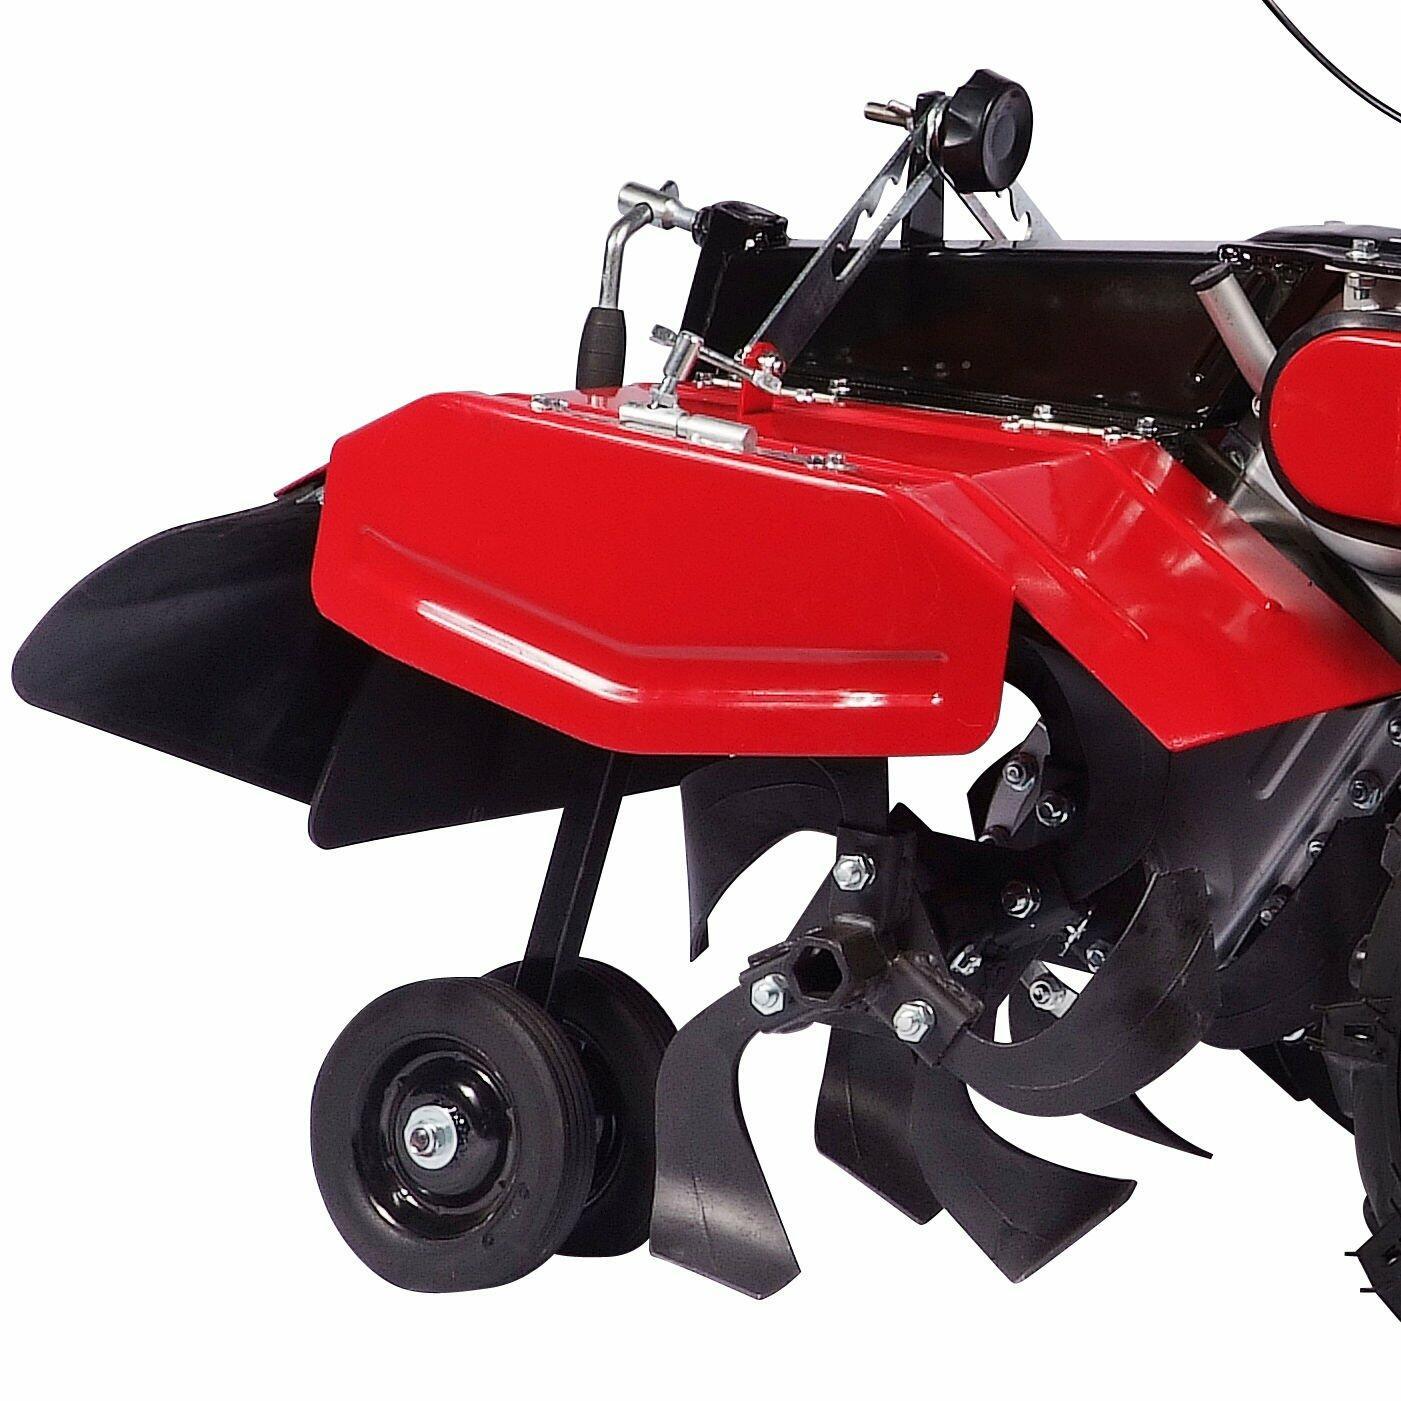 Motocultivador de Solo Mini Trator 7HP Gasolina TT65 Toyama